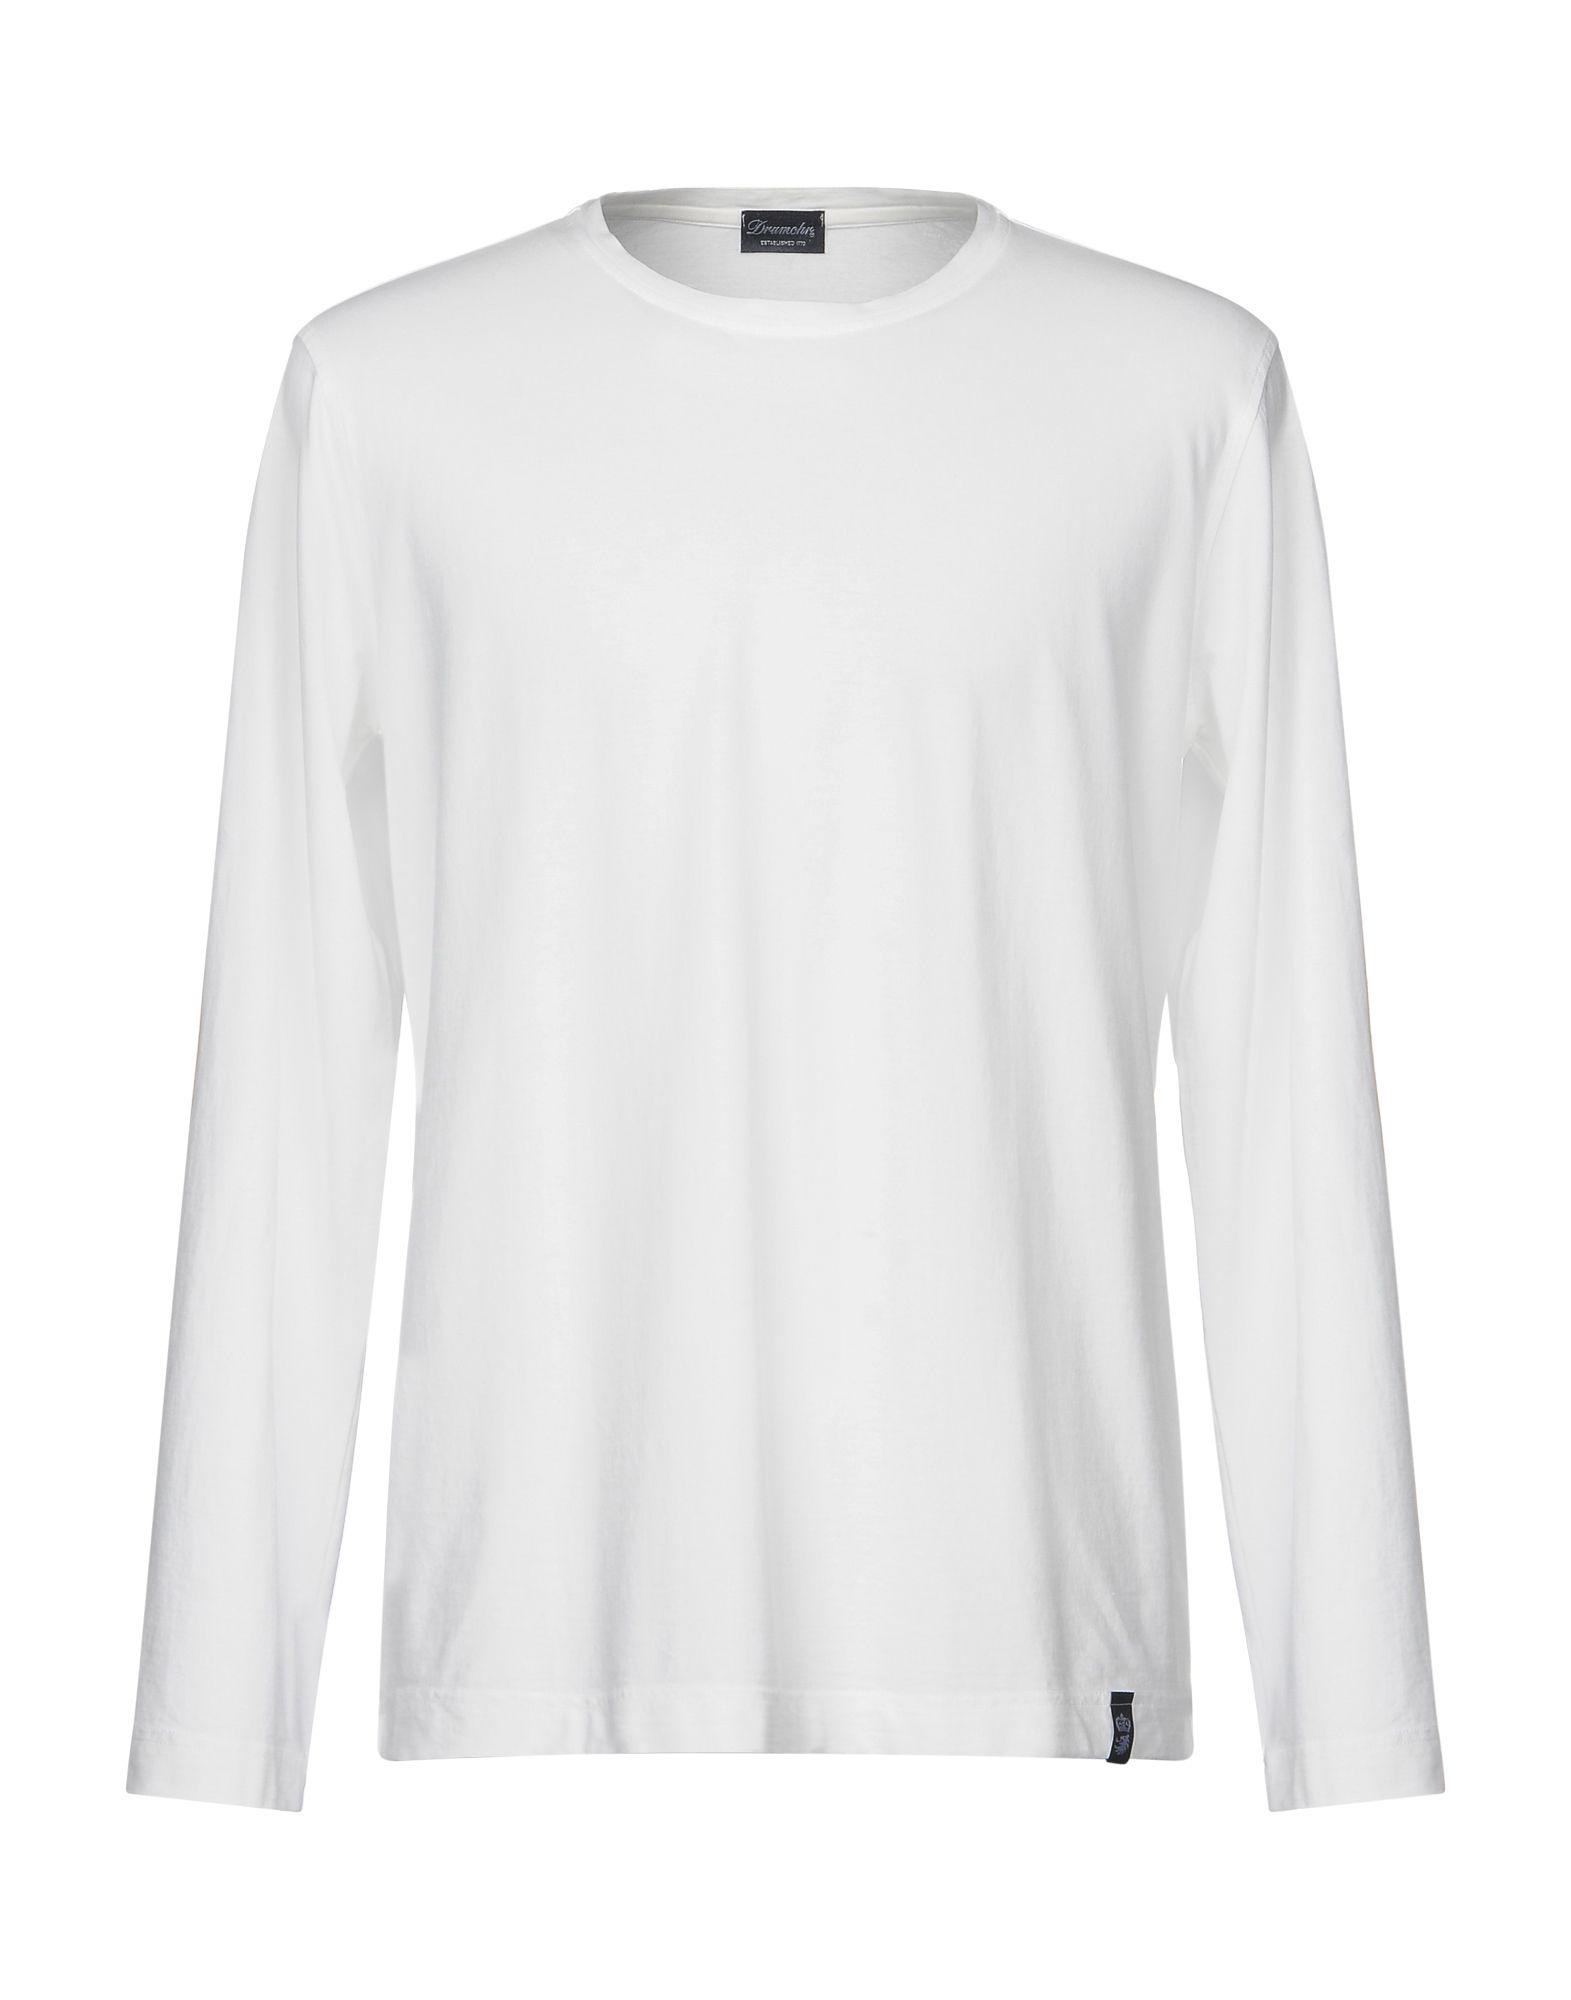 DRUMOHR Herren T-shirts Farbe Weiß Größe 7 jetztbilligerkaufen